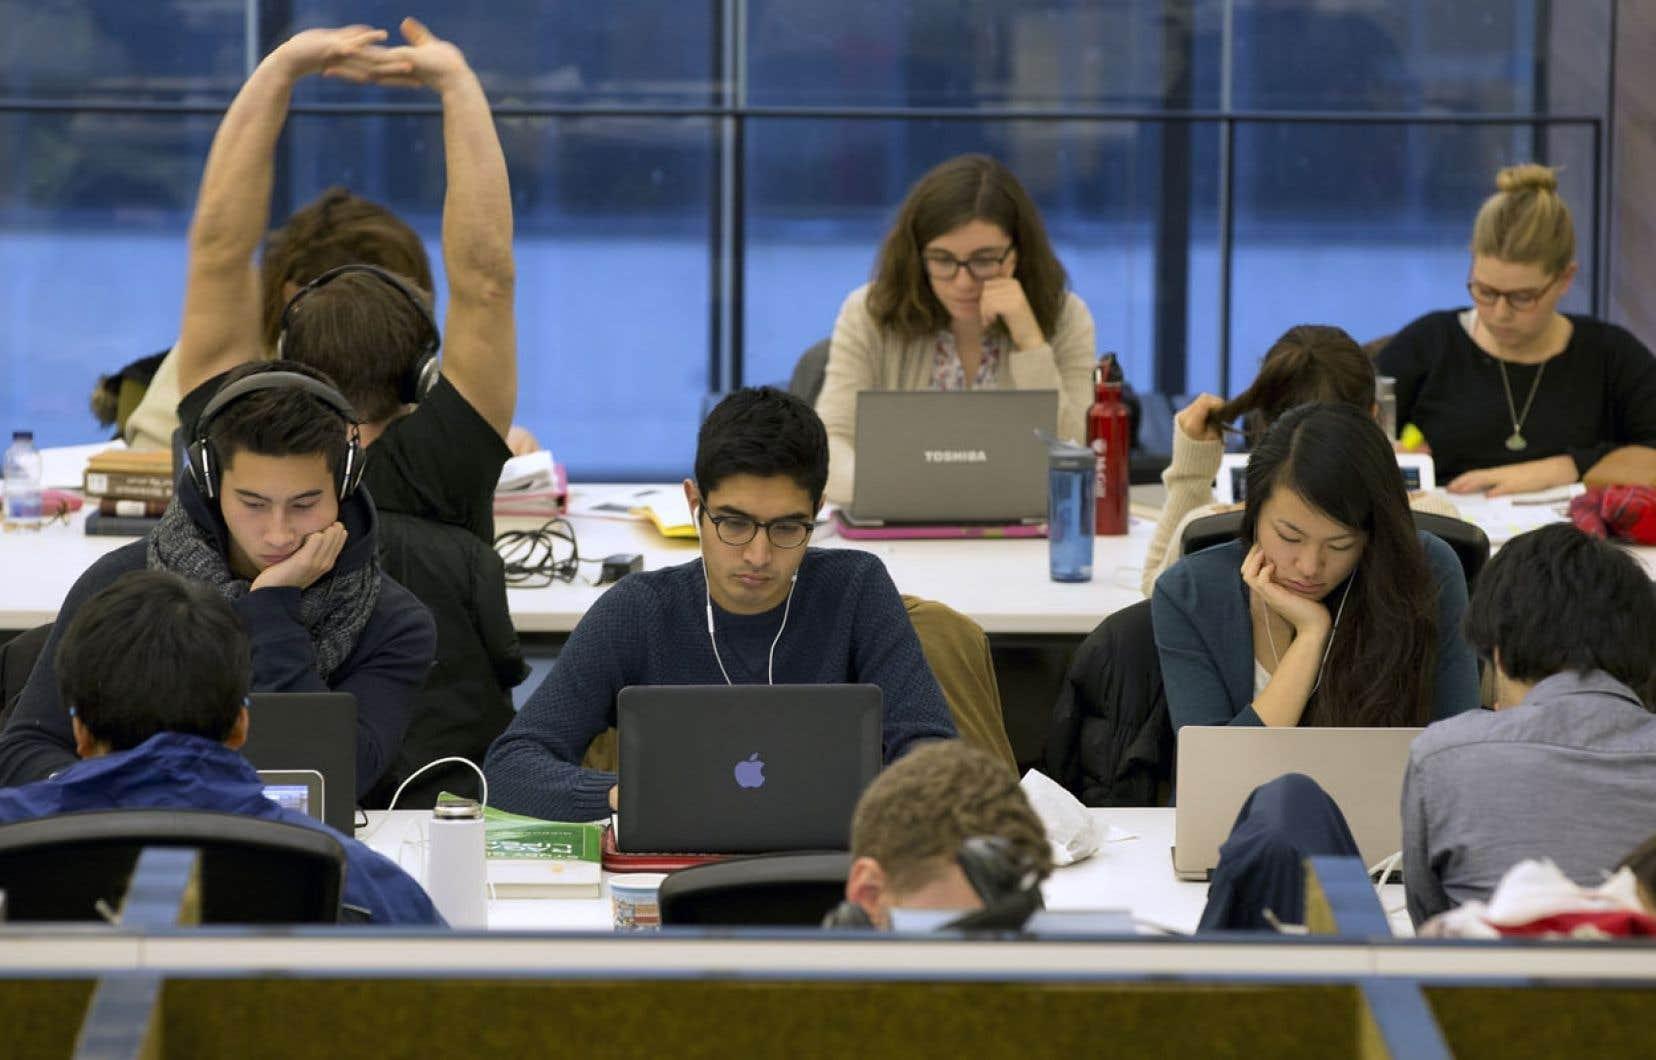 Dans les bibliothèques universitaires, les indicateurs de fréquentation et de prêts de livres sont en chute libre.